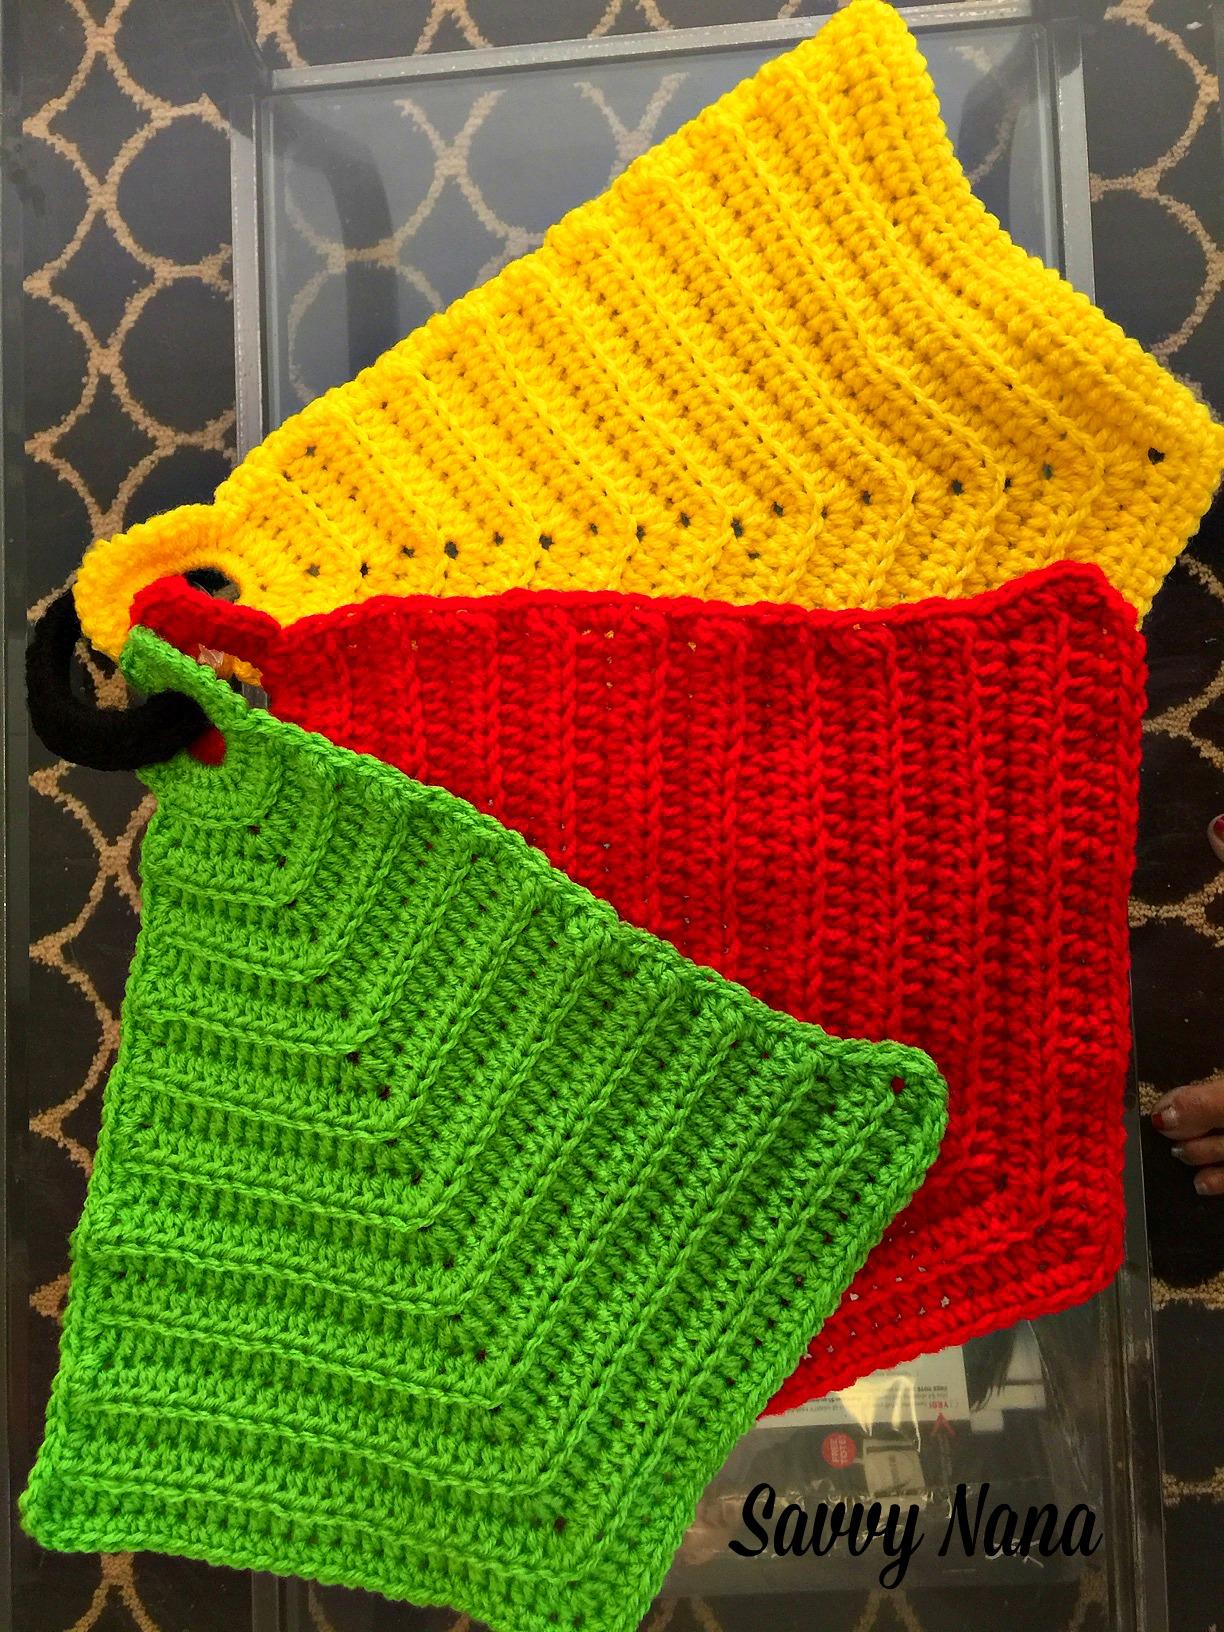 Crocheted Kitchen Hot Pads – FREE Crochet Pattern